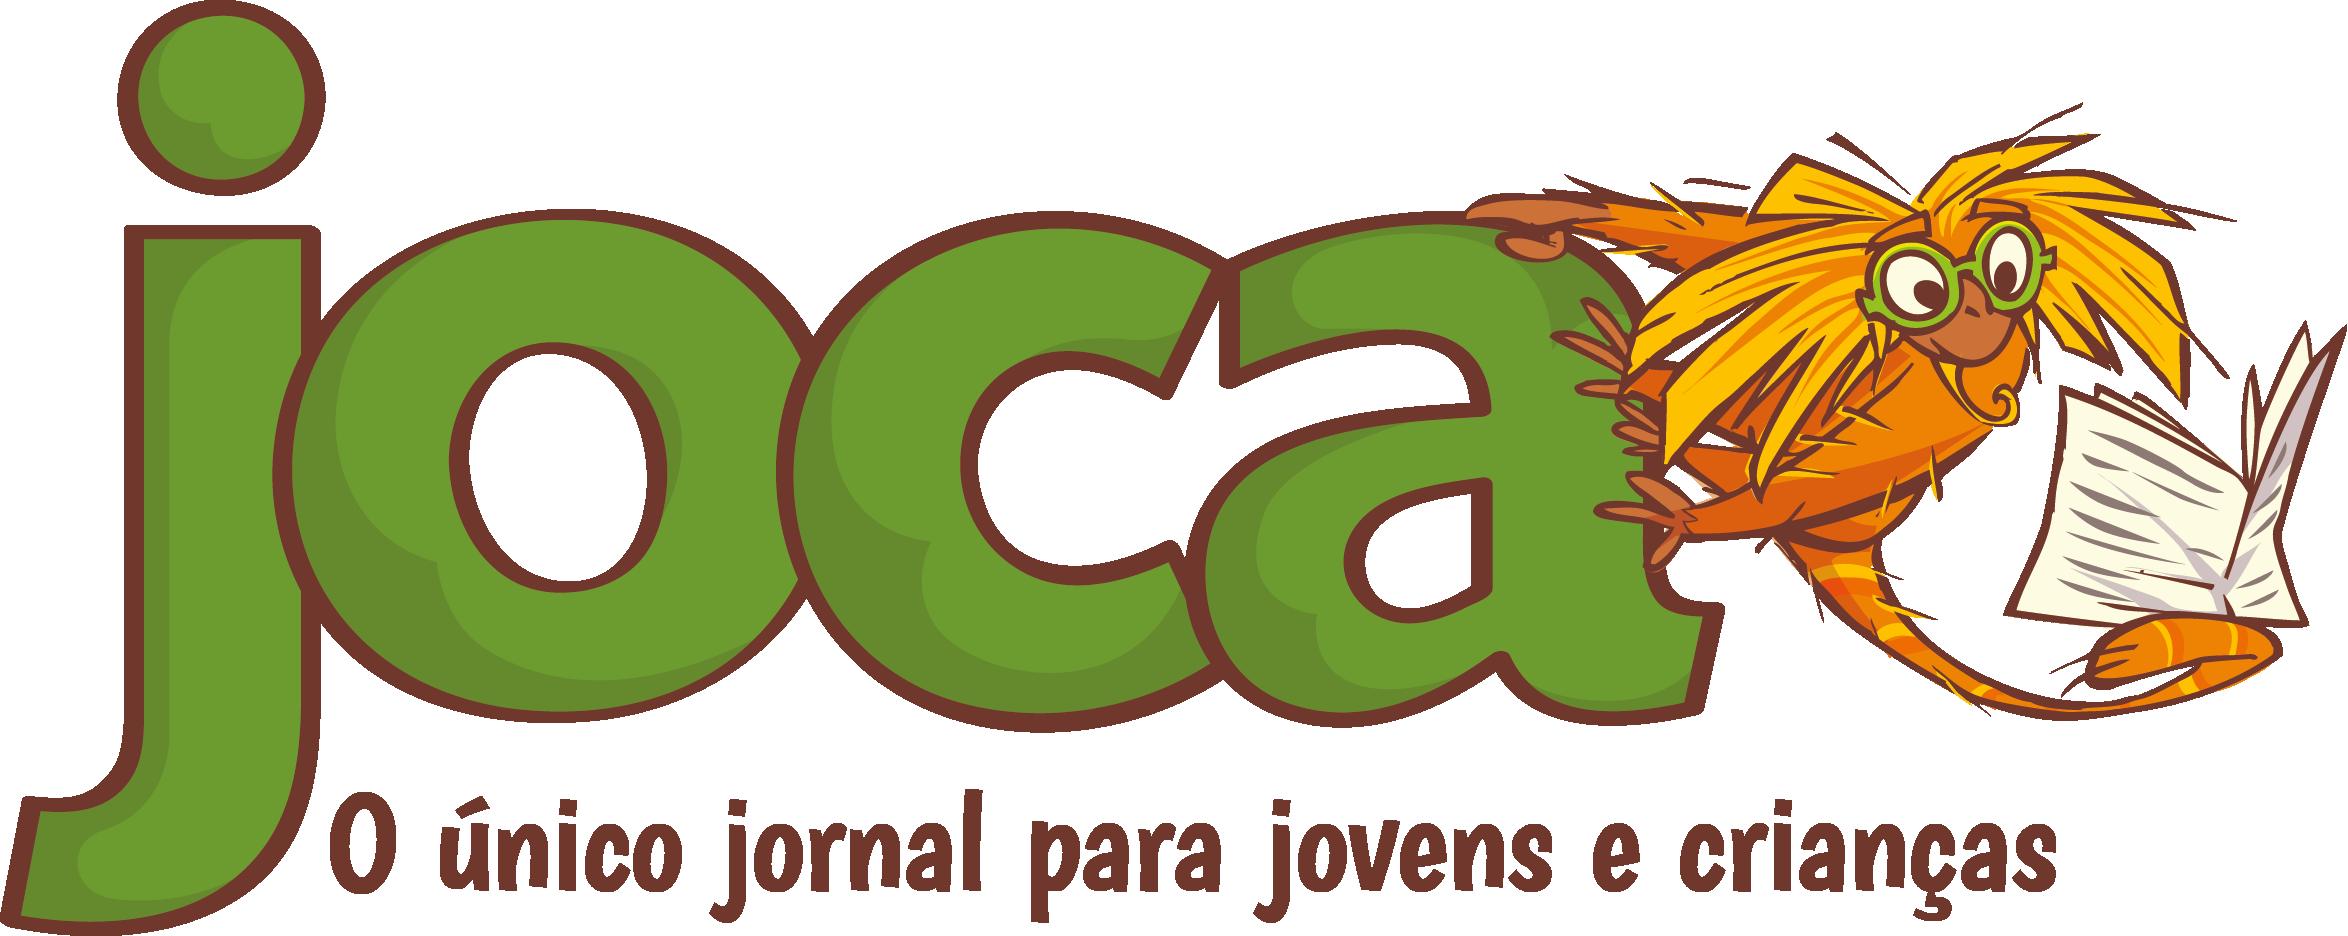 Joca - o único jornal para jovens e crianças do Brasil